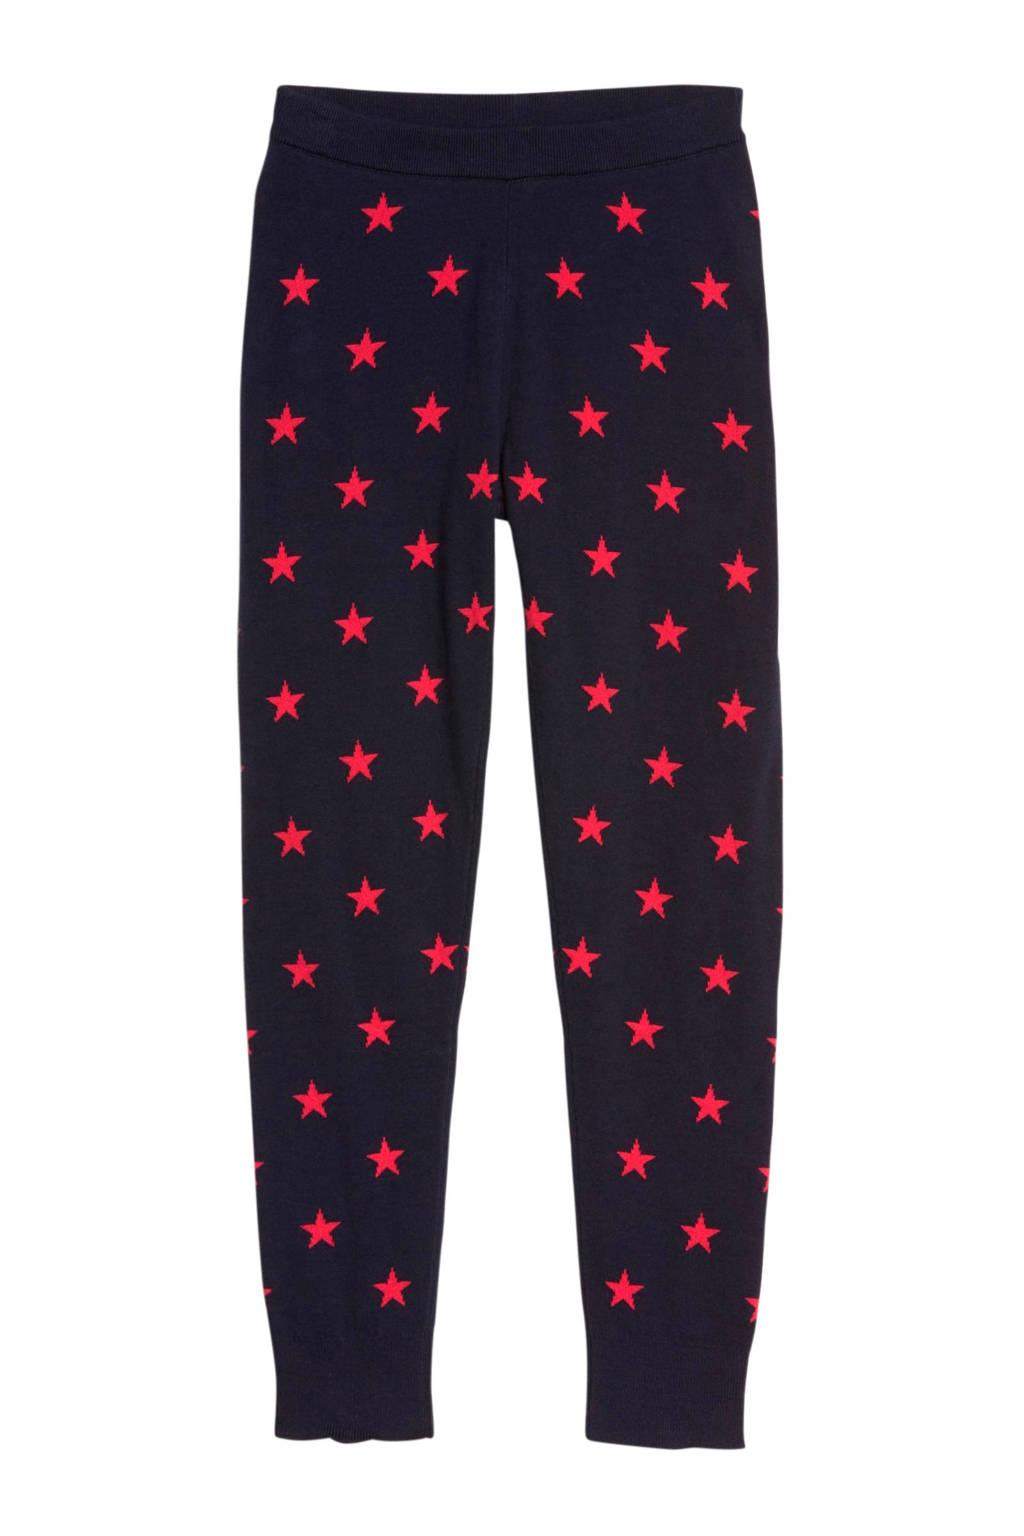 GAP legging met sterren donkerblauw/roze, Donkerblauw/roze